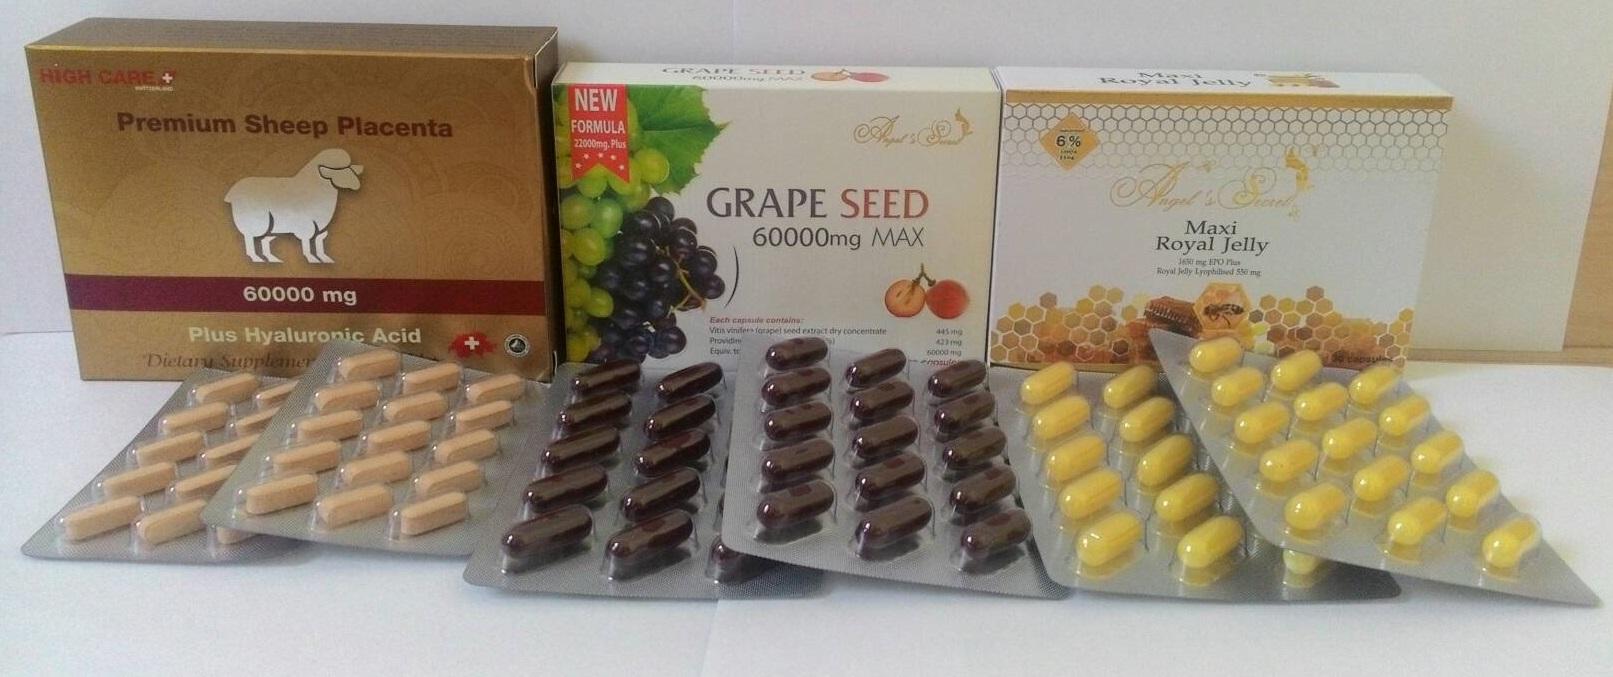 รกแกะ60,000mg. 1 กล่อง 120 เม็ด + สารสกัดเมล็ดองุ่นแองเจิลซีเครท 6,000 mg.120 เม็ด +นมผึ้งแองเจิลซีเครท 120 เม็ด